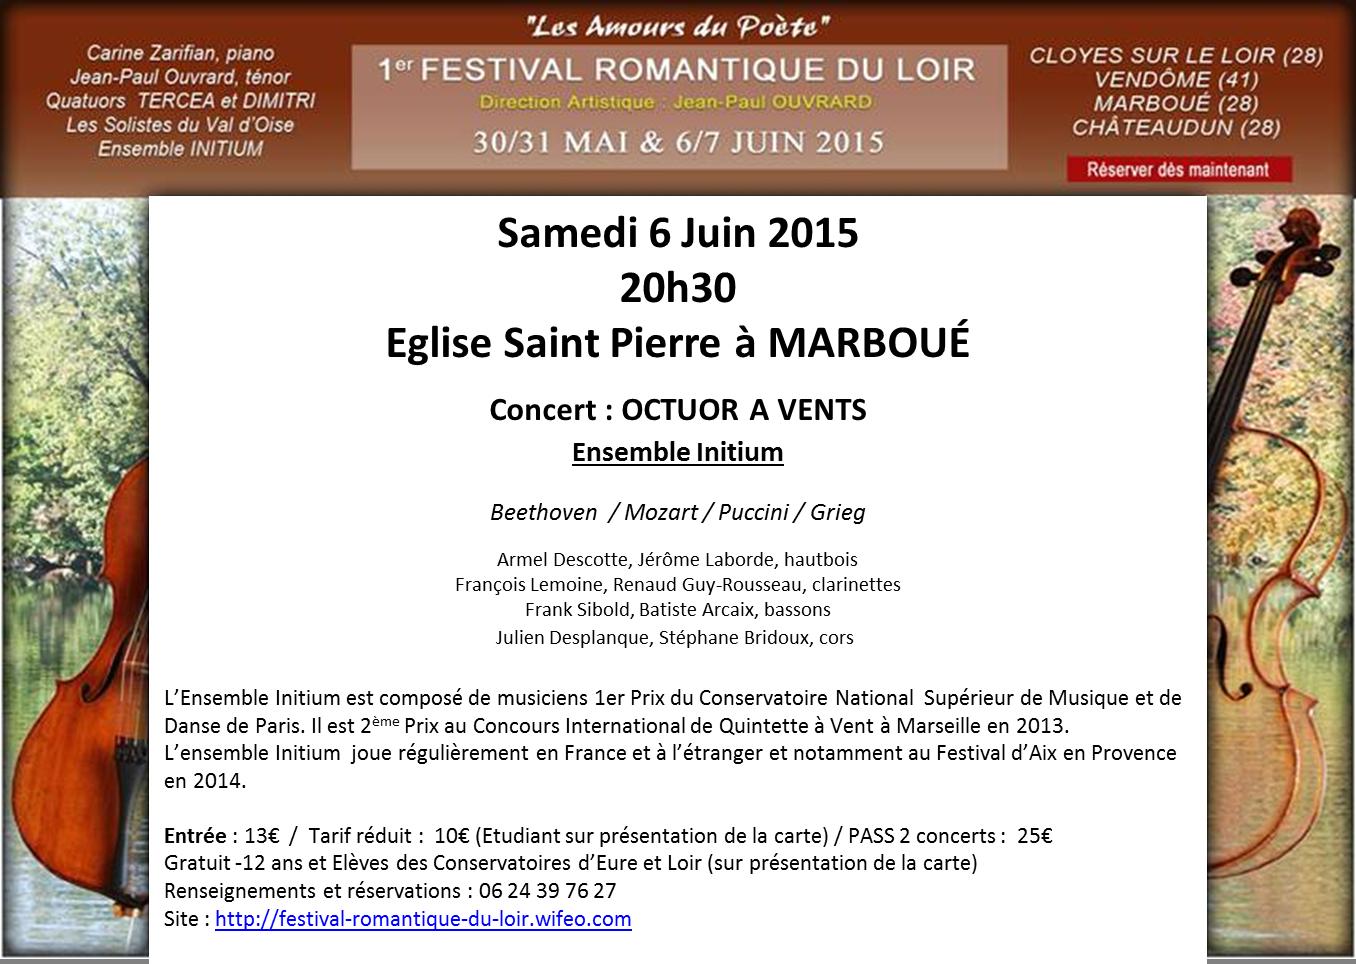 Samedi 6 Juin 2015 20h30 Eglise Saint Pierre à MARBOUÉ  Concert: OCTUOR A VENTS